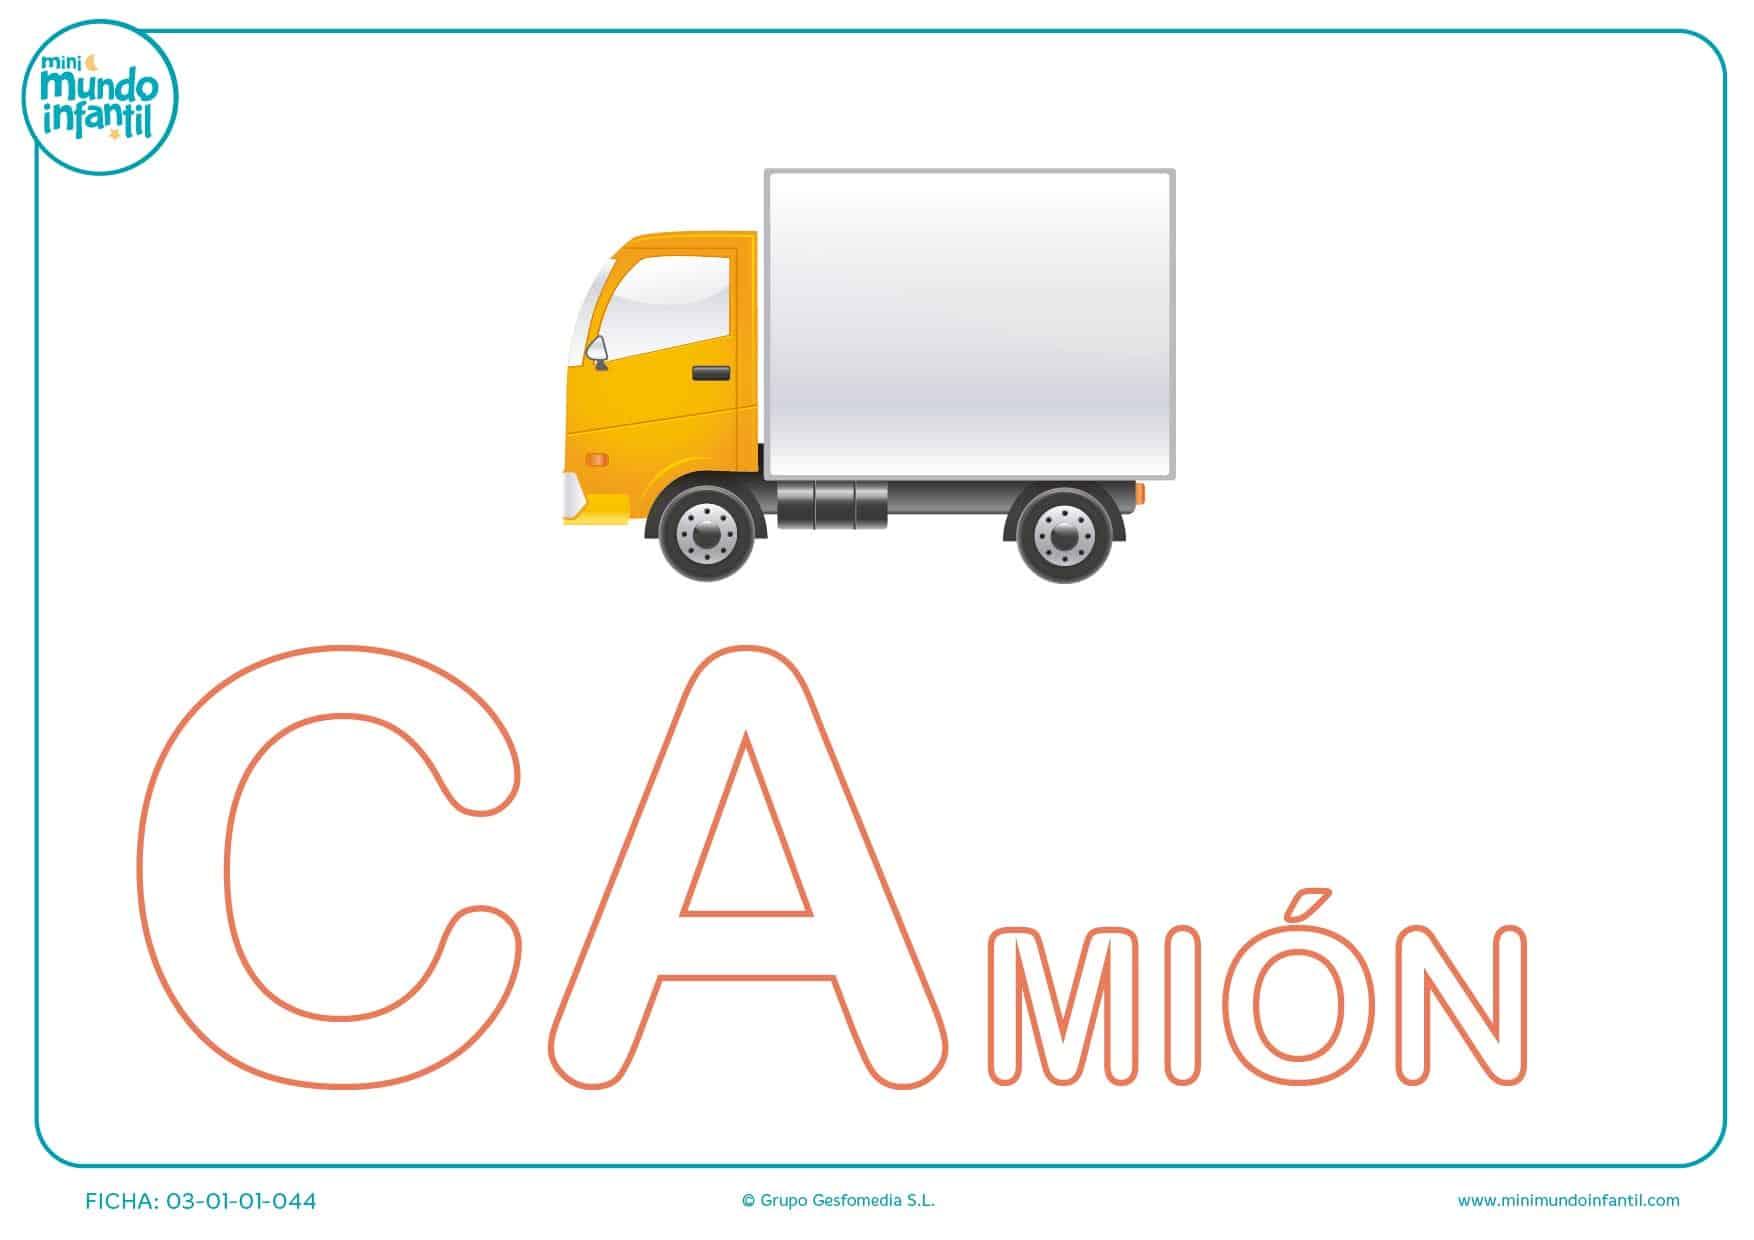 Rellenar sílaba CA mayúscula de camión